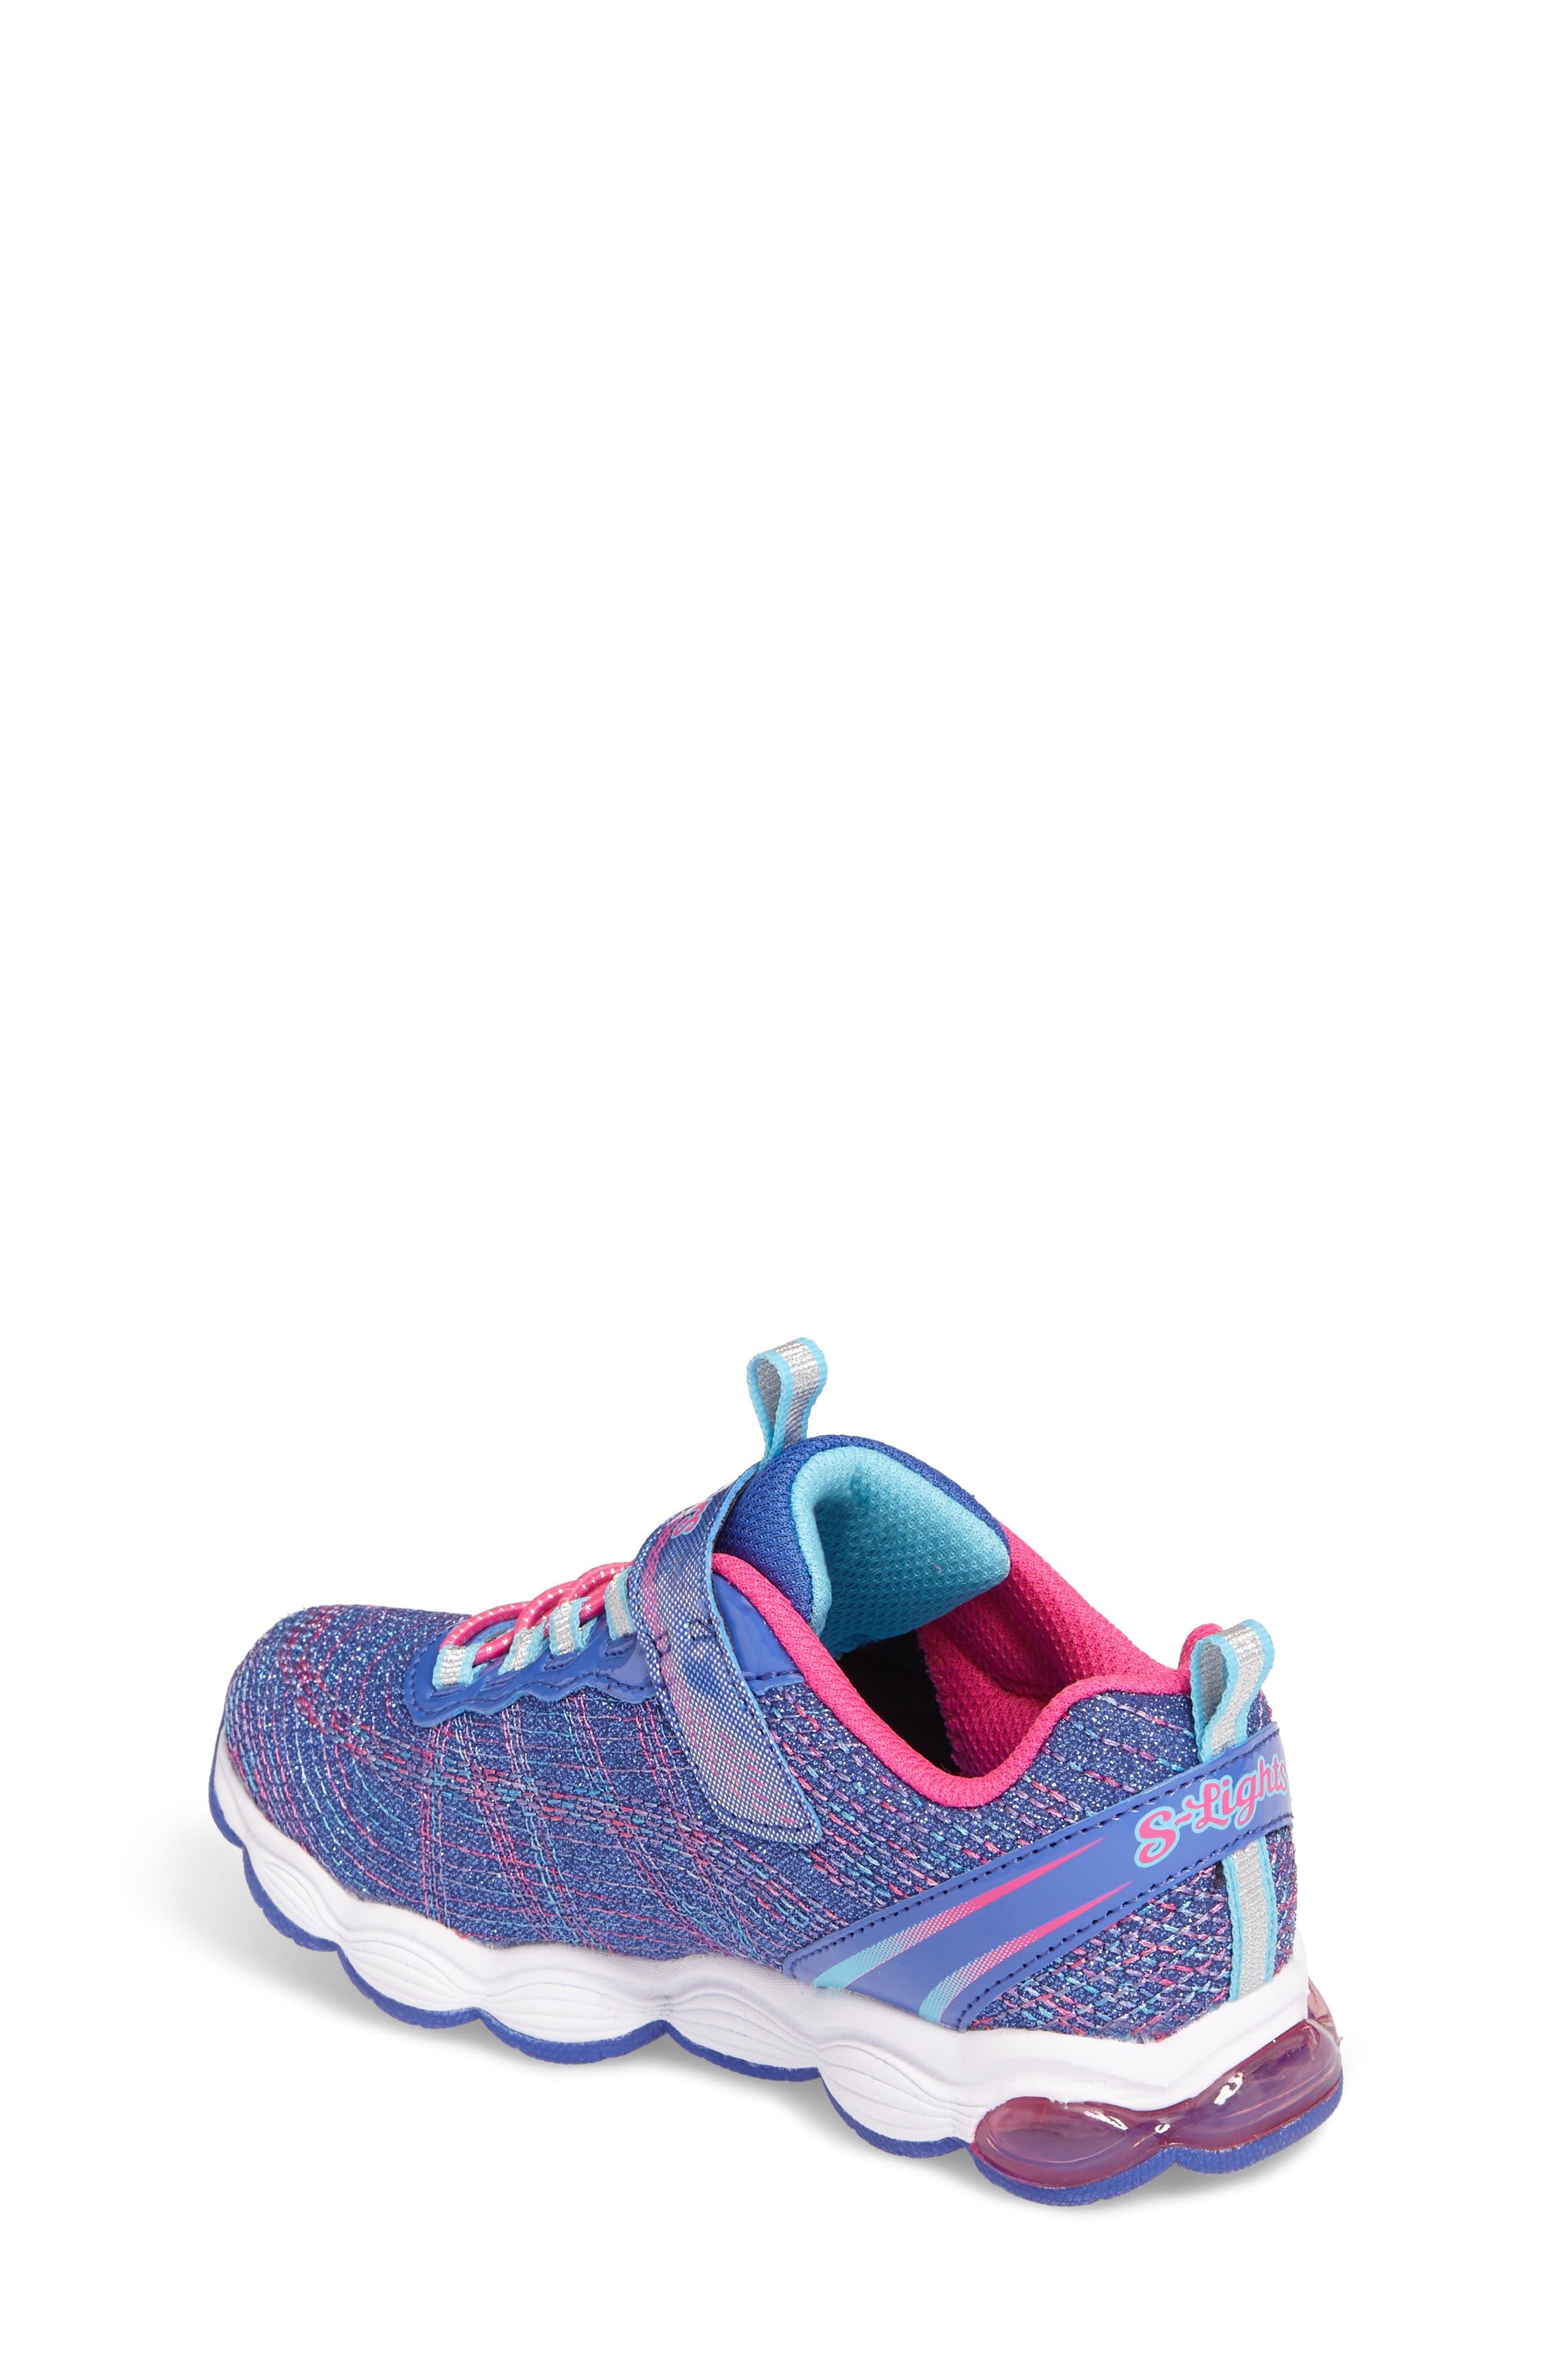 Alternate Image 2  - SKECHERS Glimmer Lights Sneakers (Toddler & Little Kid)